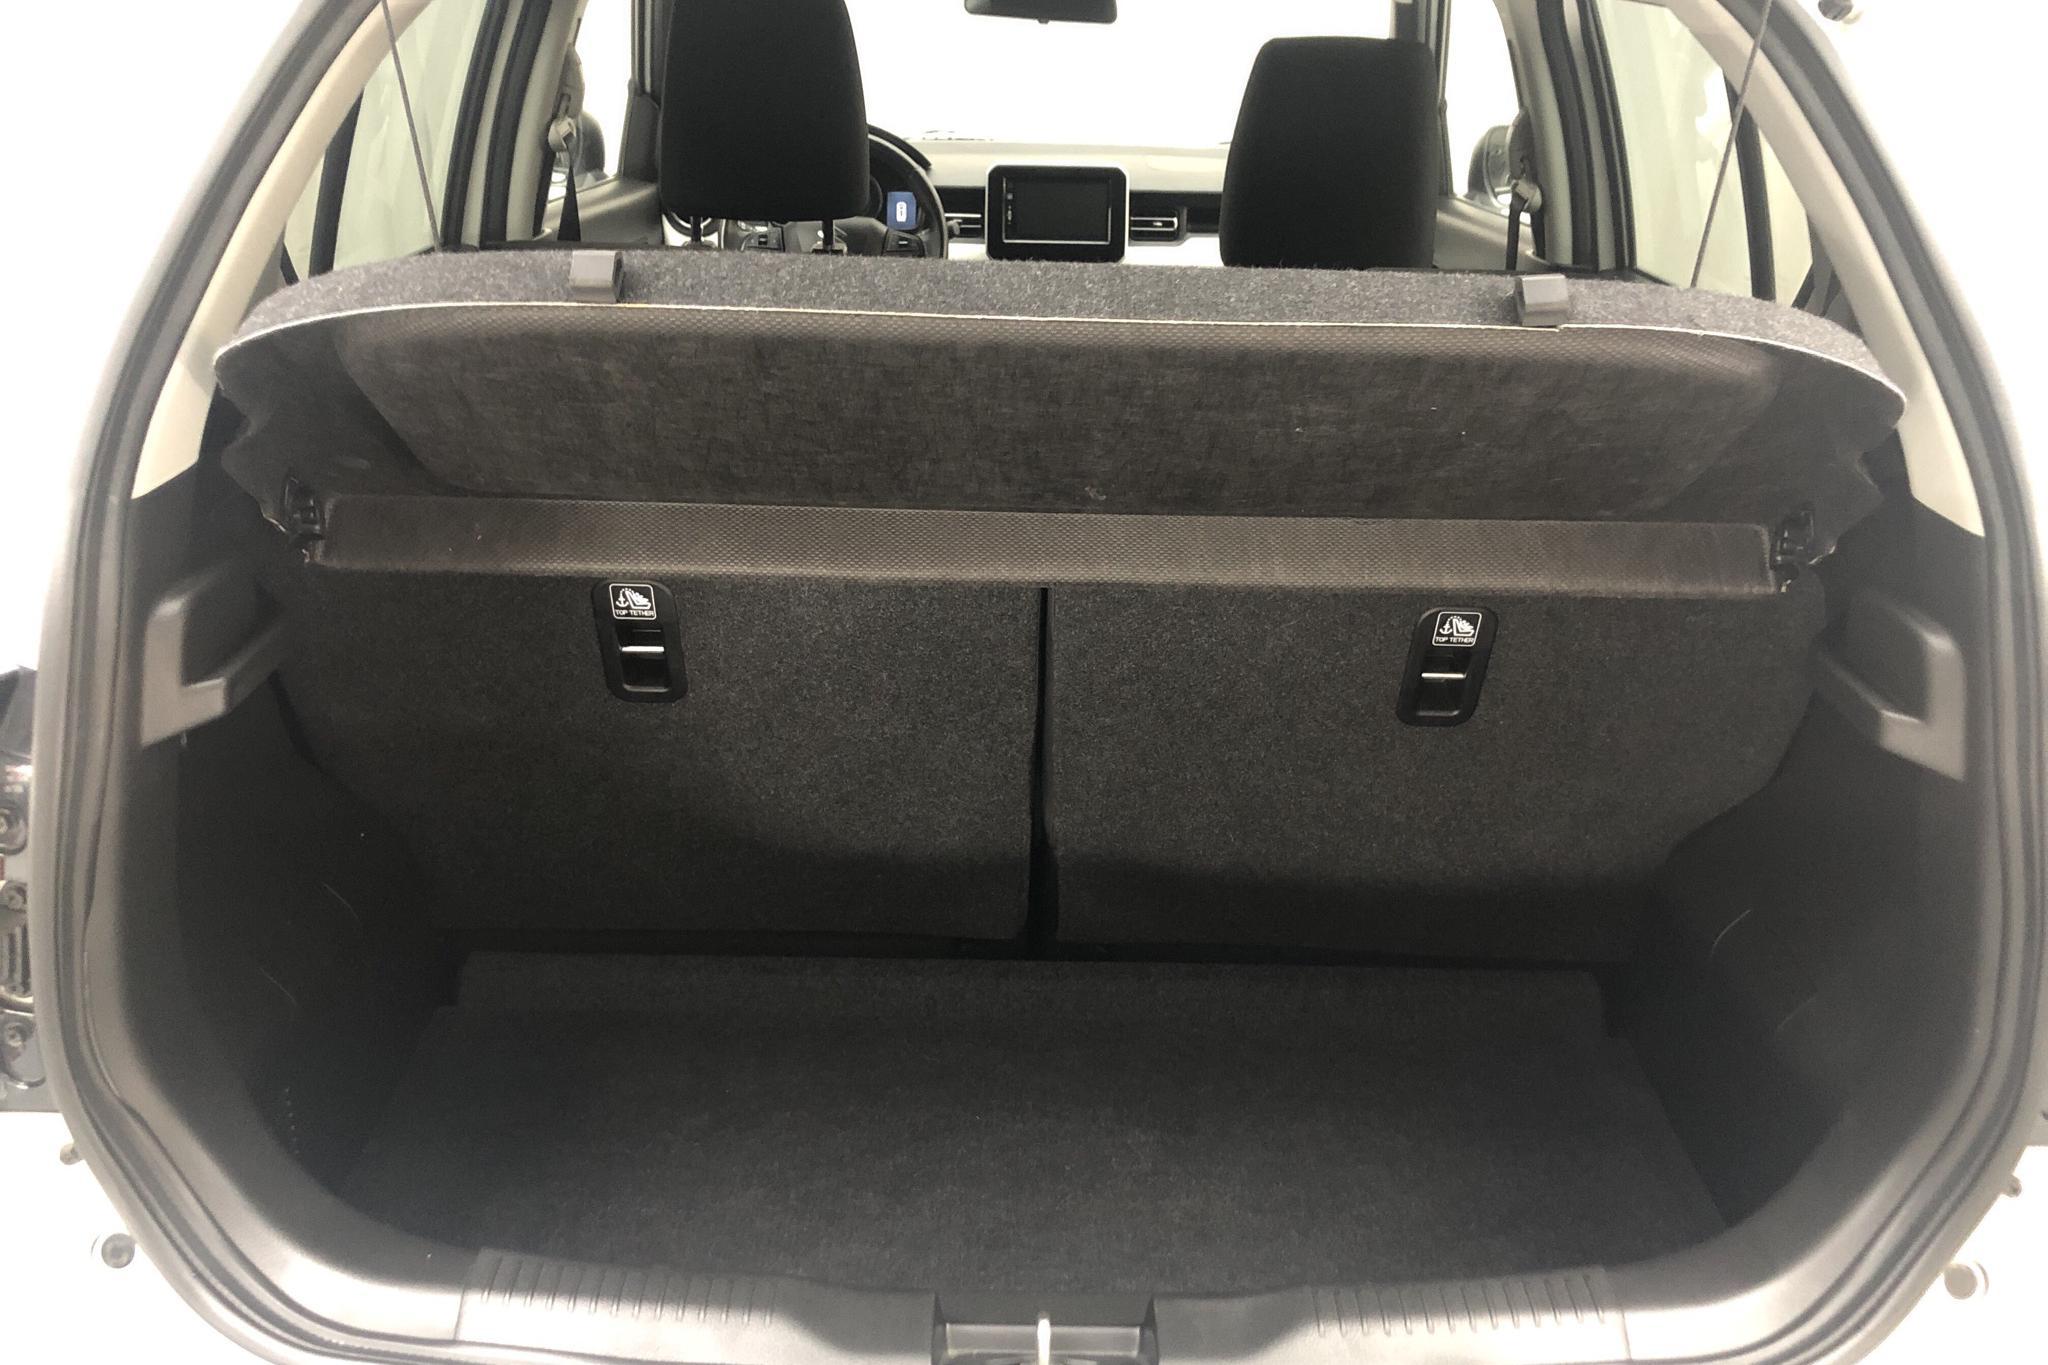 Suzuki Ignis 1.2 4WD (90hk) - 4 489 mil - Manuell - vit - 2017